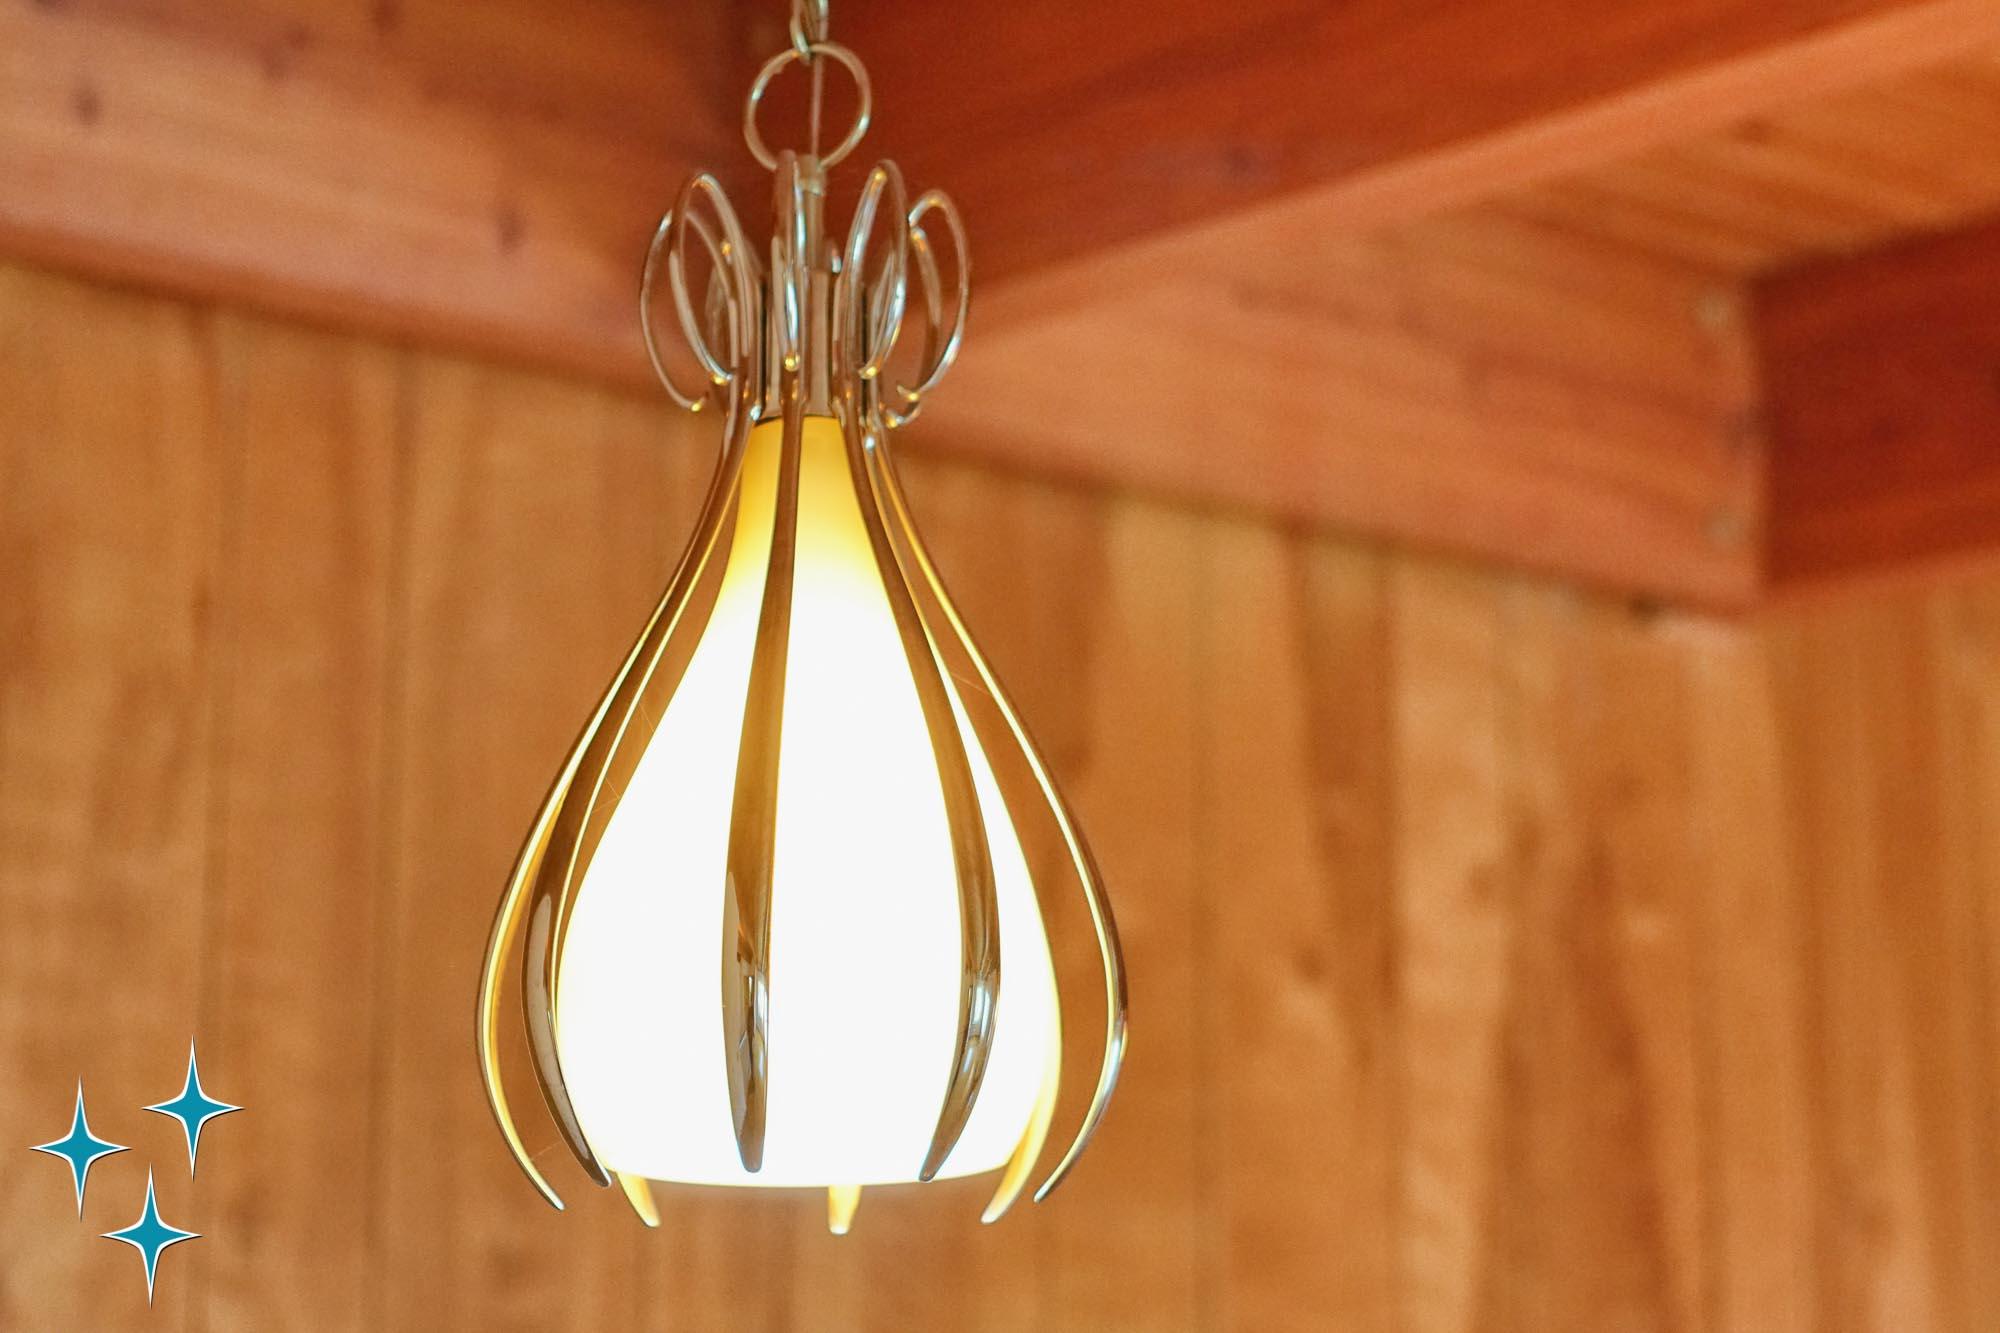 Vintage Pendant Lights